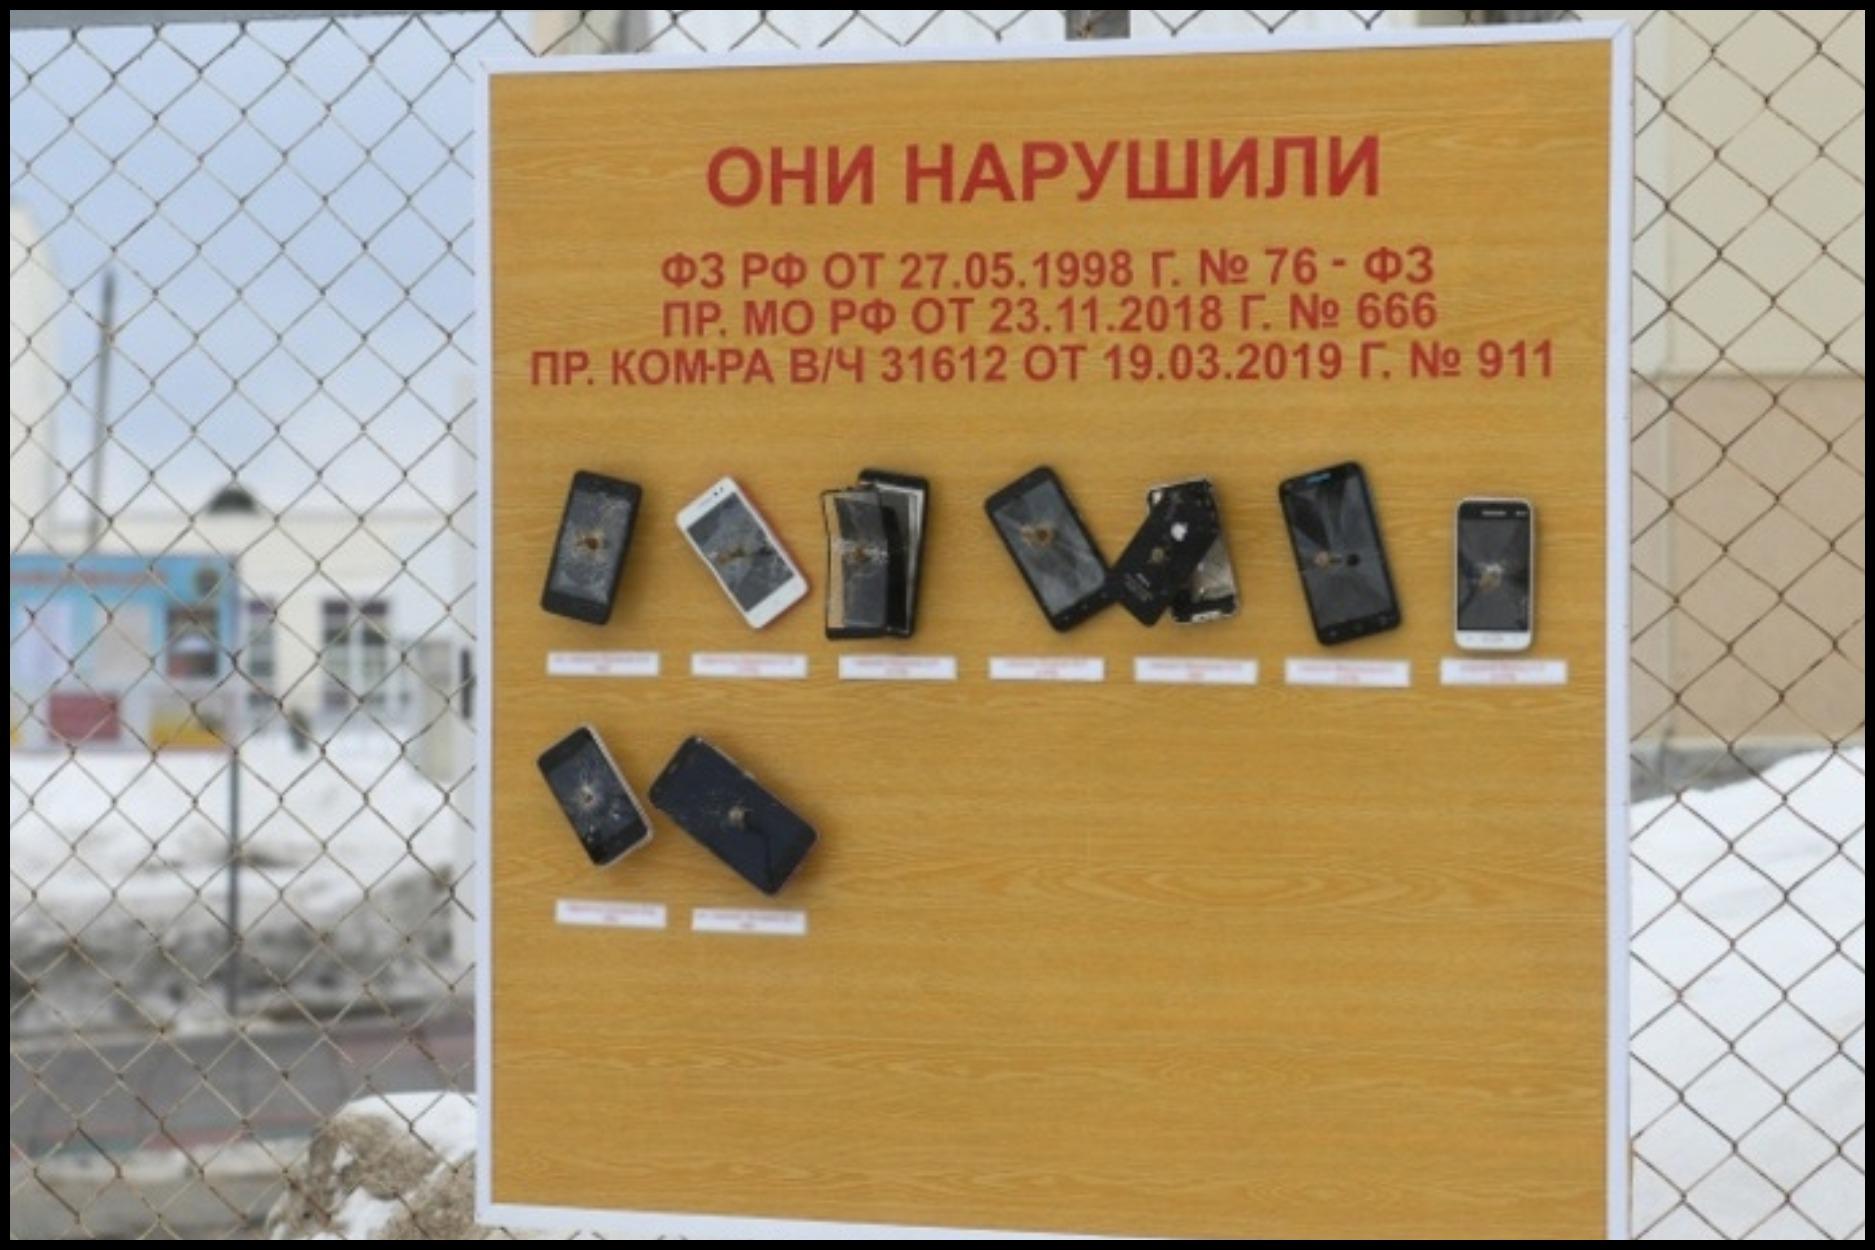 Наказание солдат за использование телефона в военной части